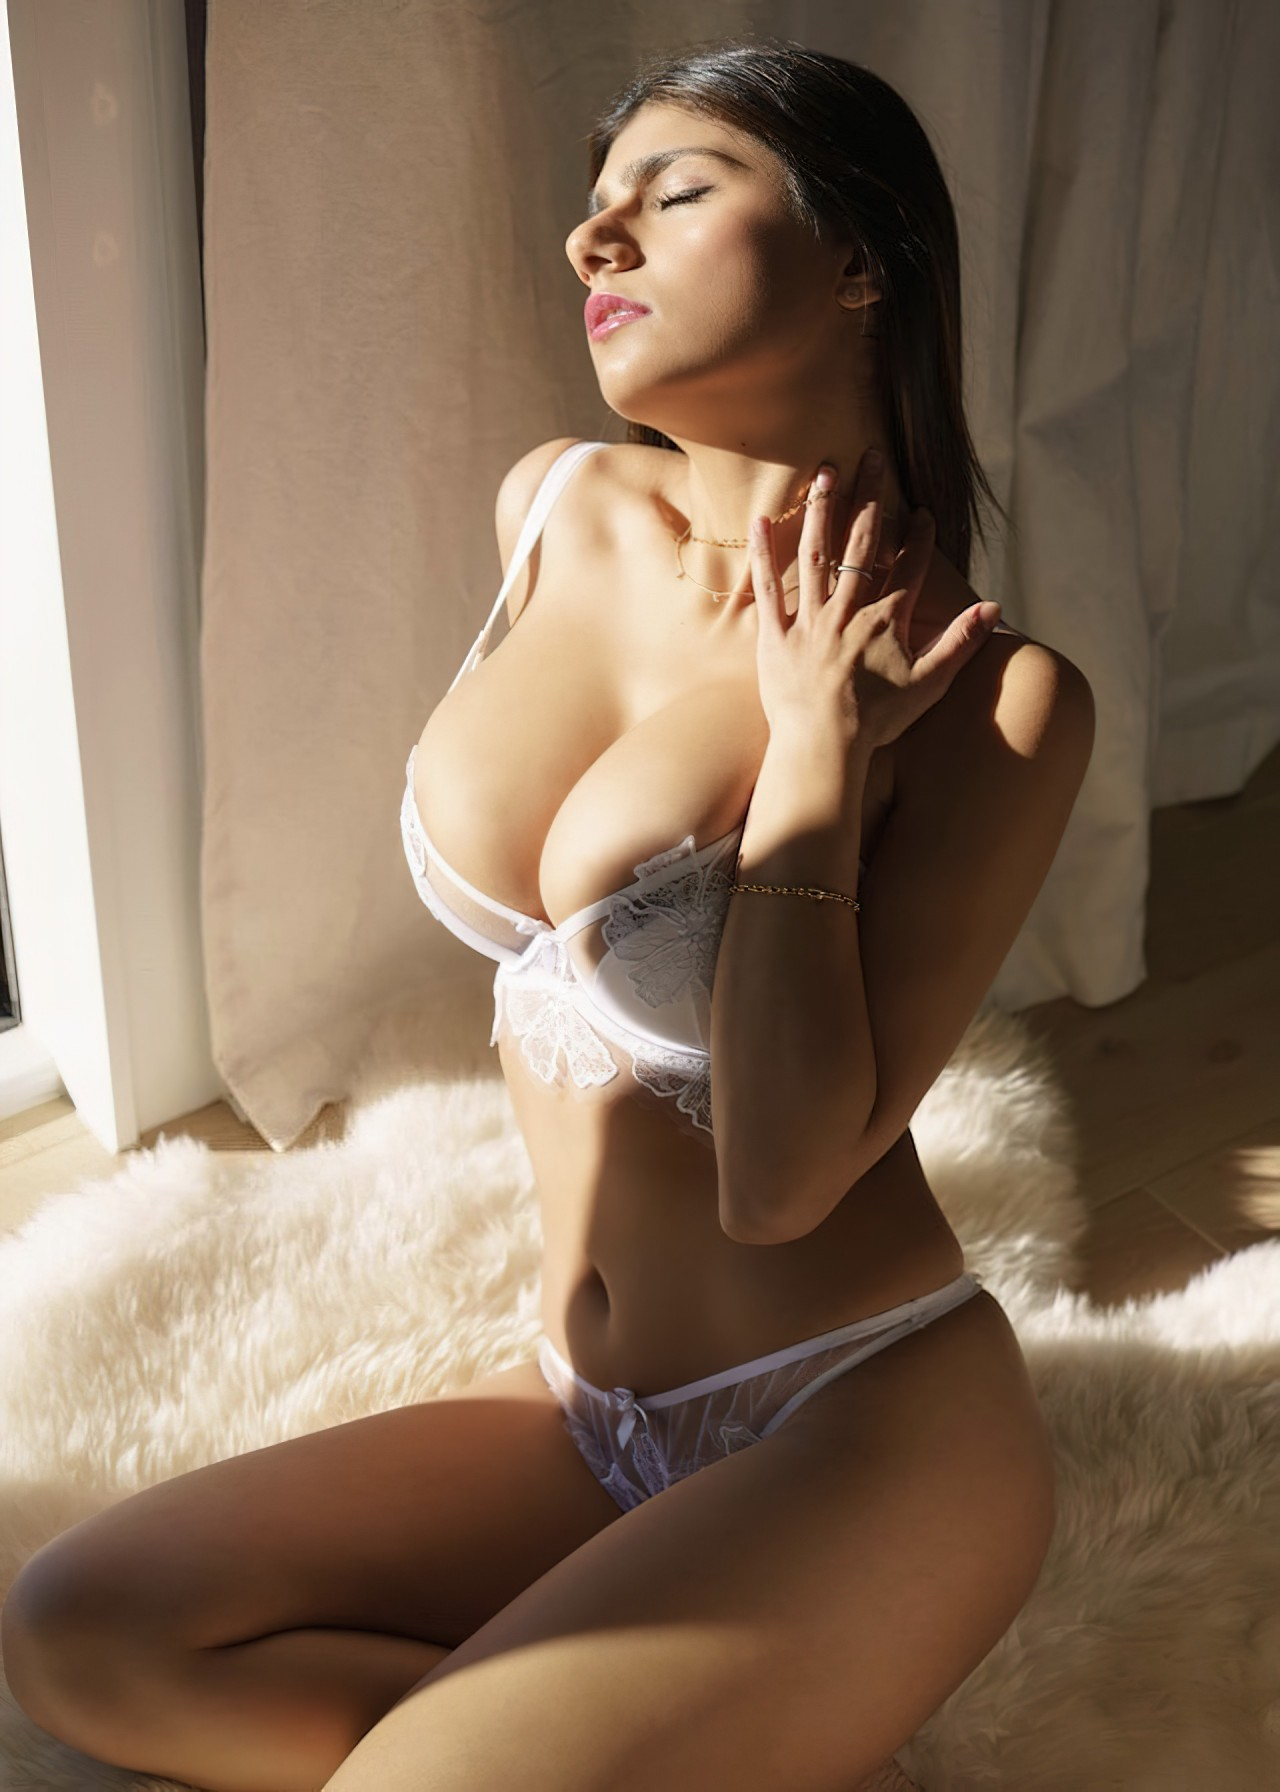 Fotos da Mia Khalifa (6)